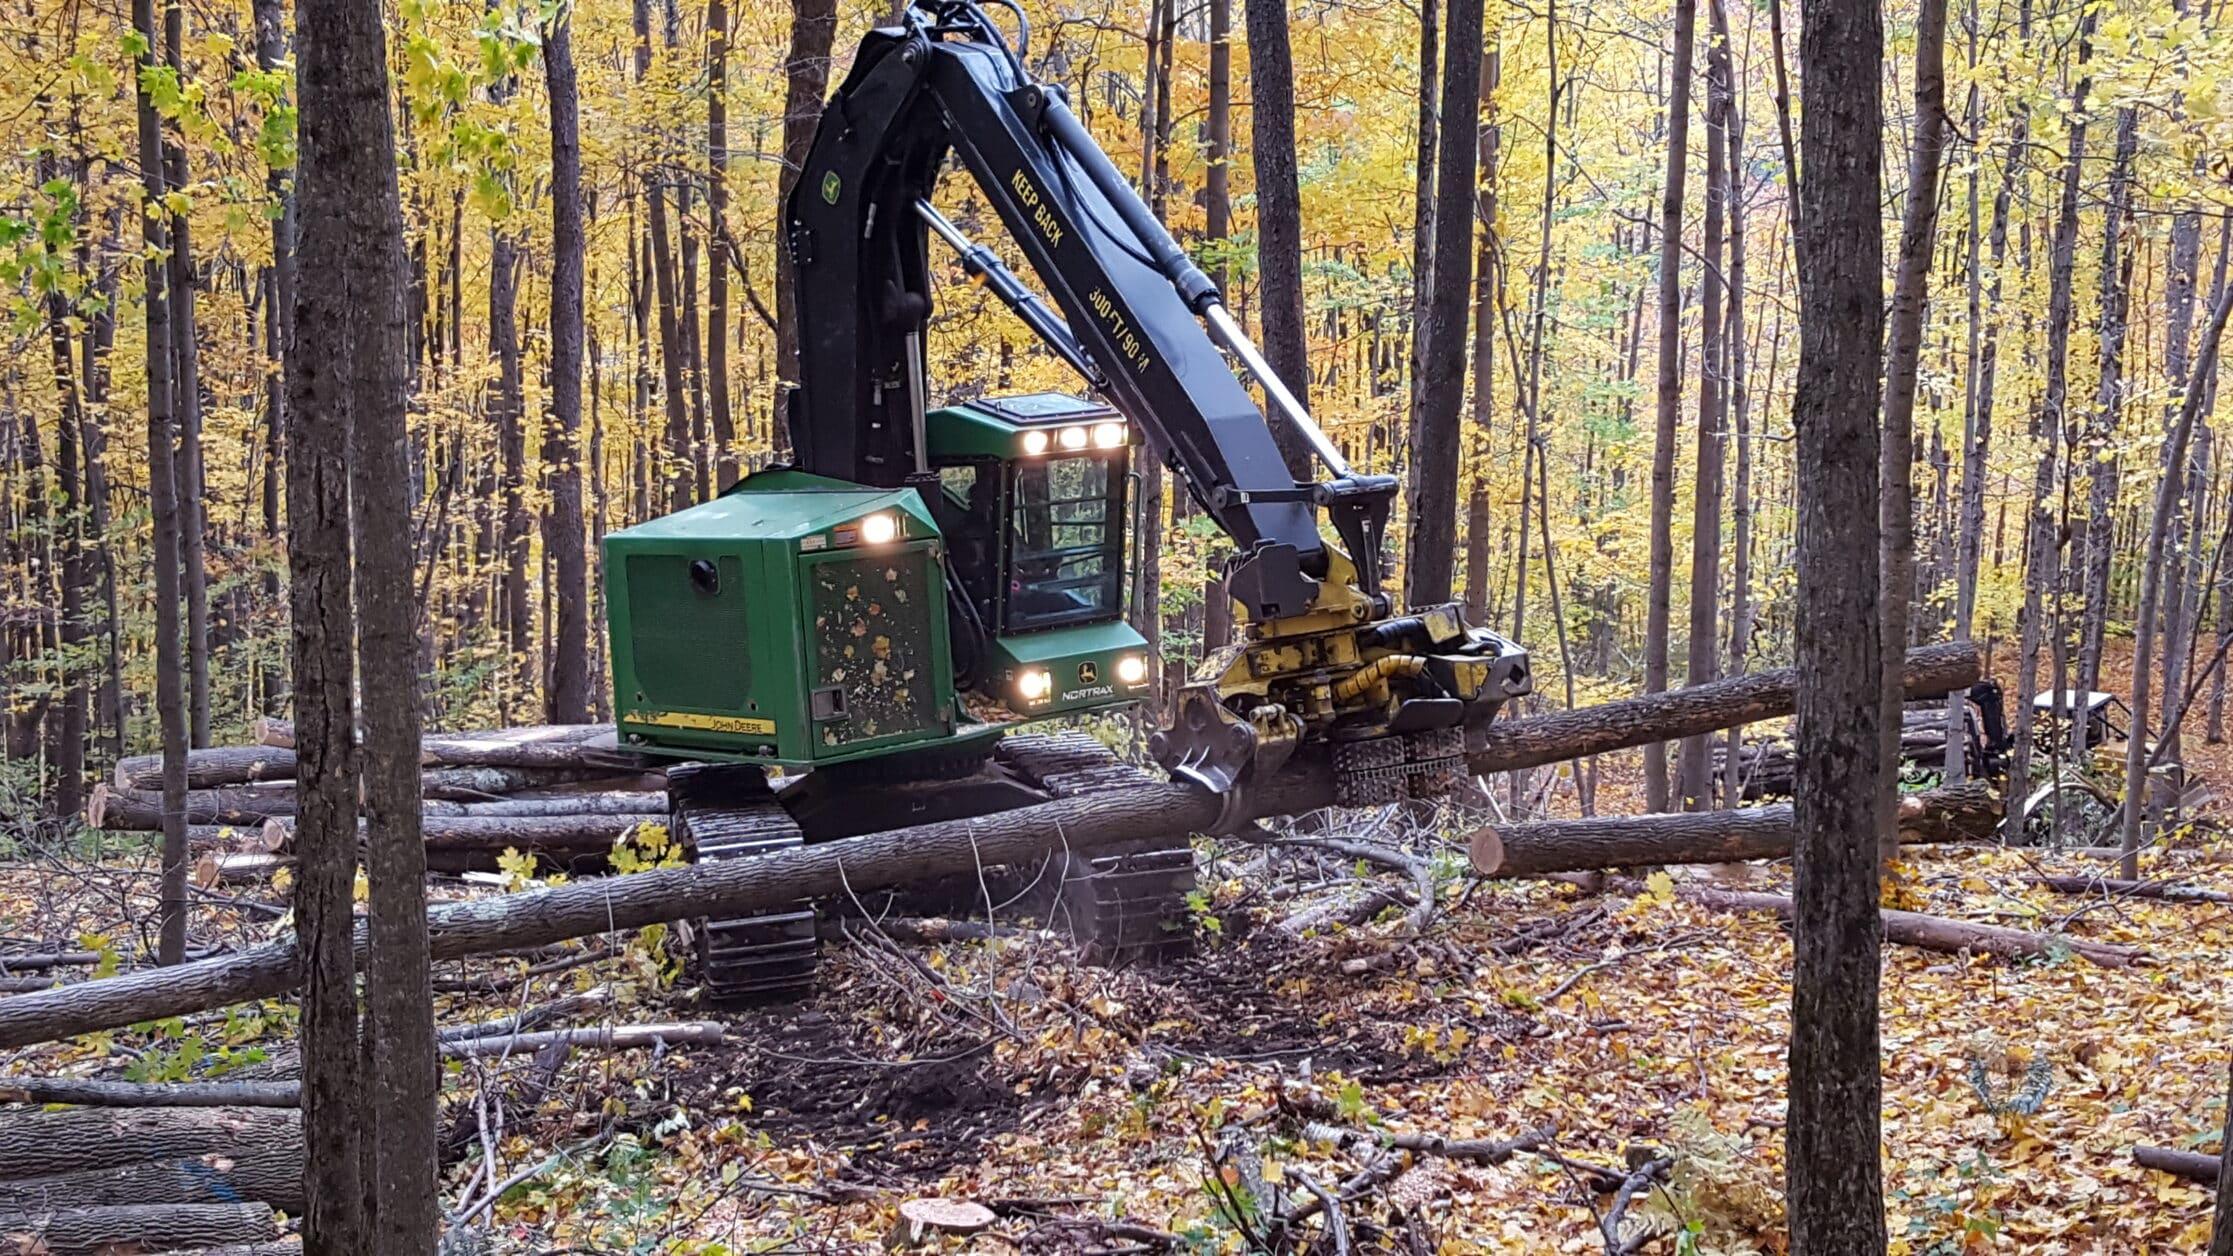 Logging machine in woods, fall, machine